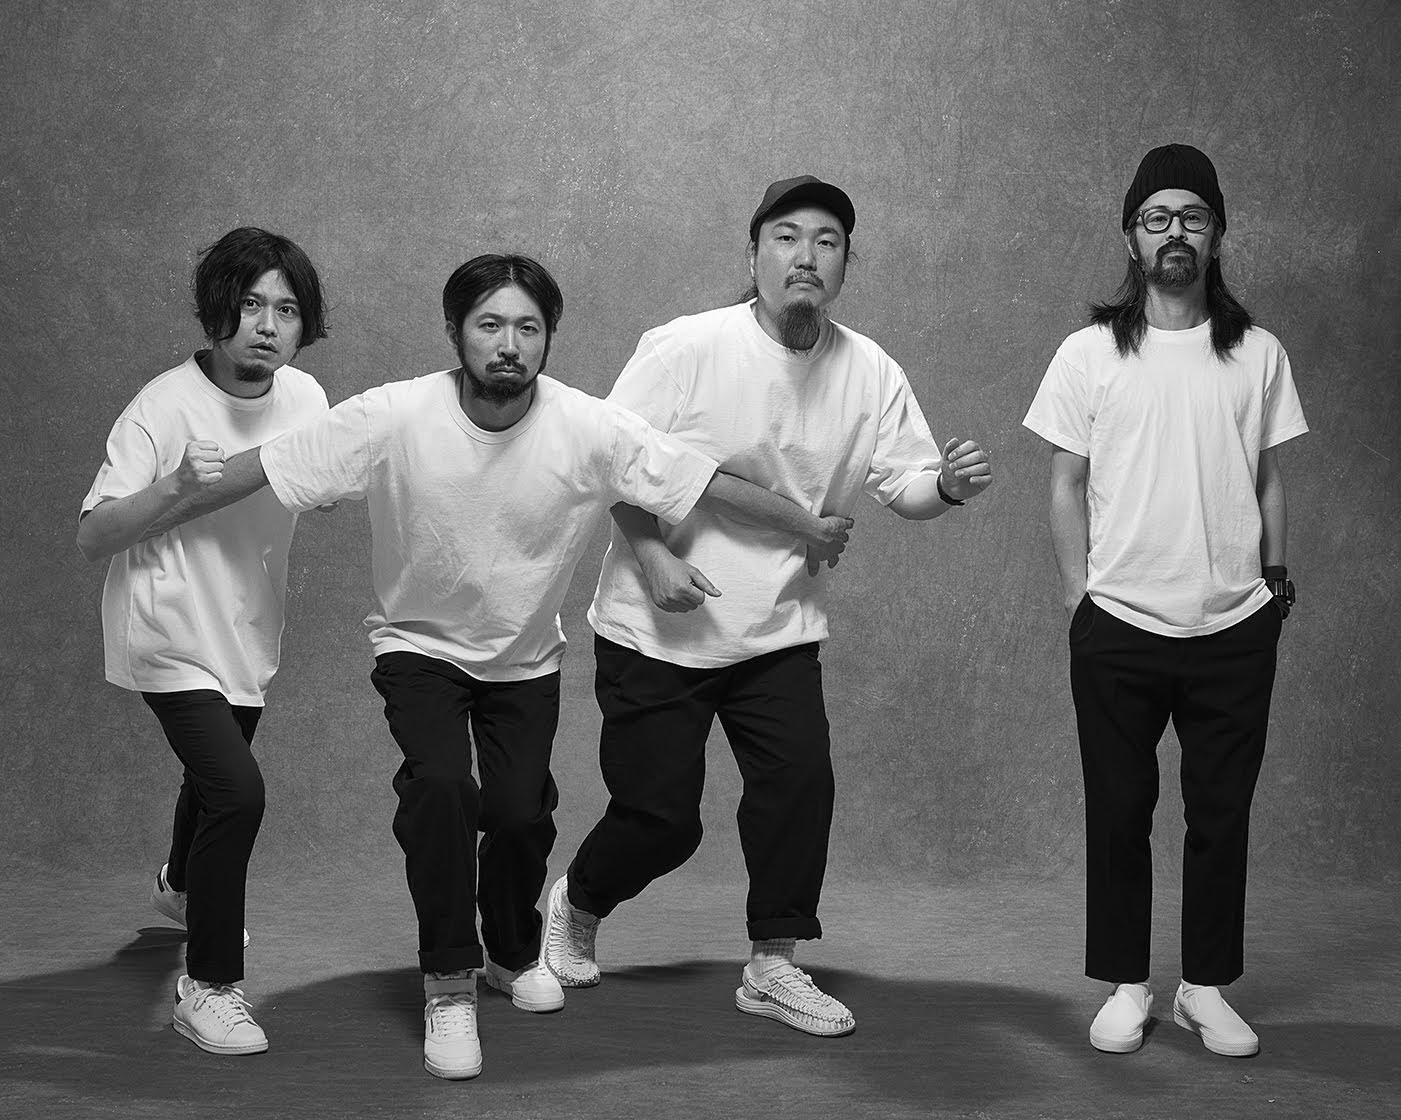 日本跨領域演奏樂團 SPECIAL OTHERS 睽違5年新輯發行 《WAVE》邀你一同乘風破浪